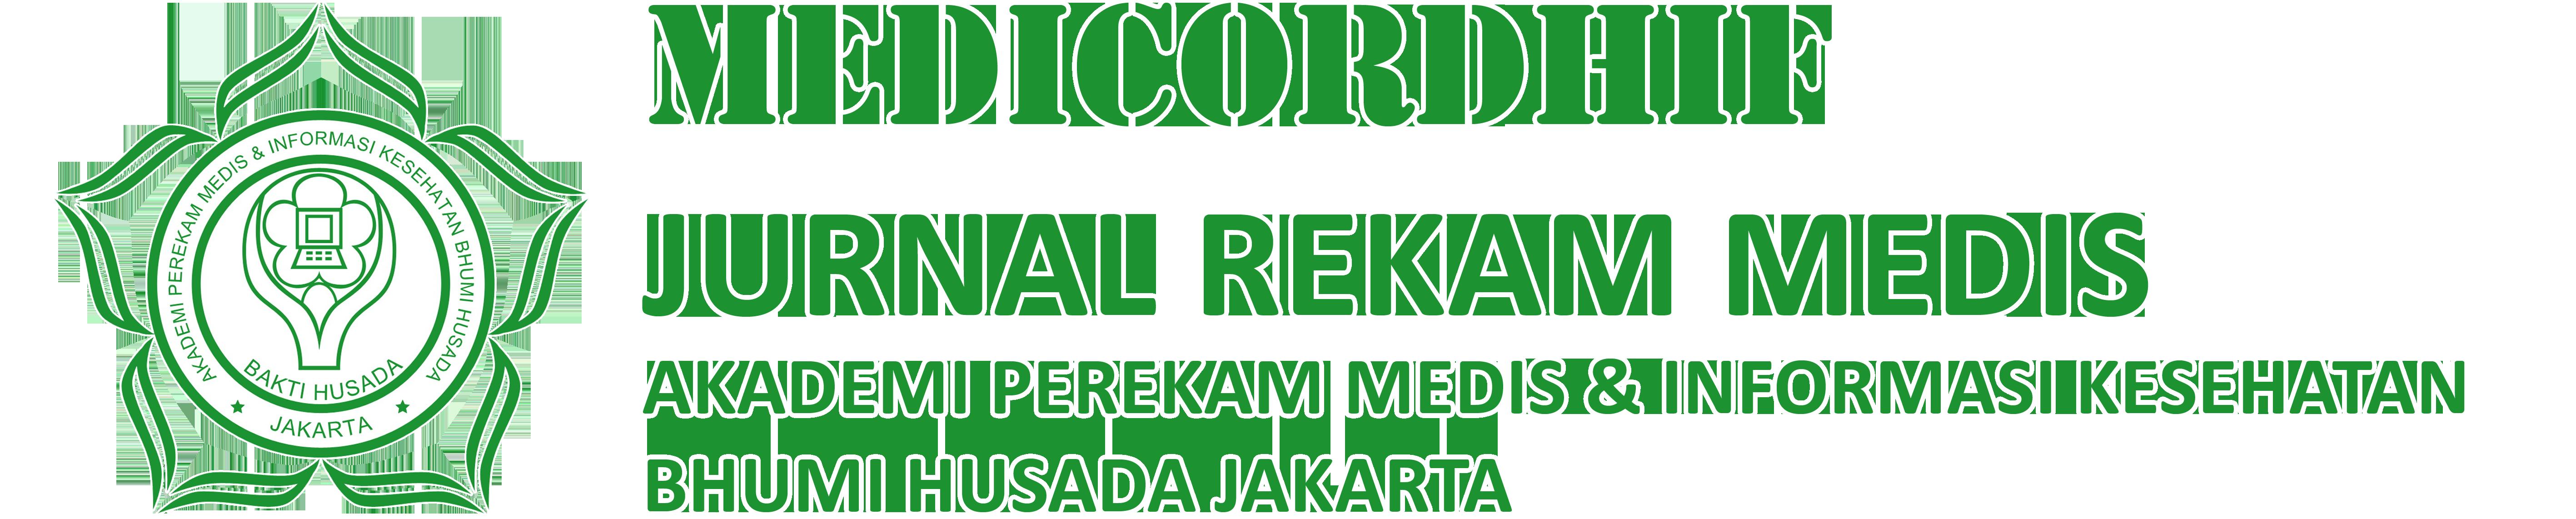 Medicordhif Jurnal Rekam Medis Akademi Perekam Medis & Informasi Kesehatan Bhumi Husada Jakarta